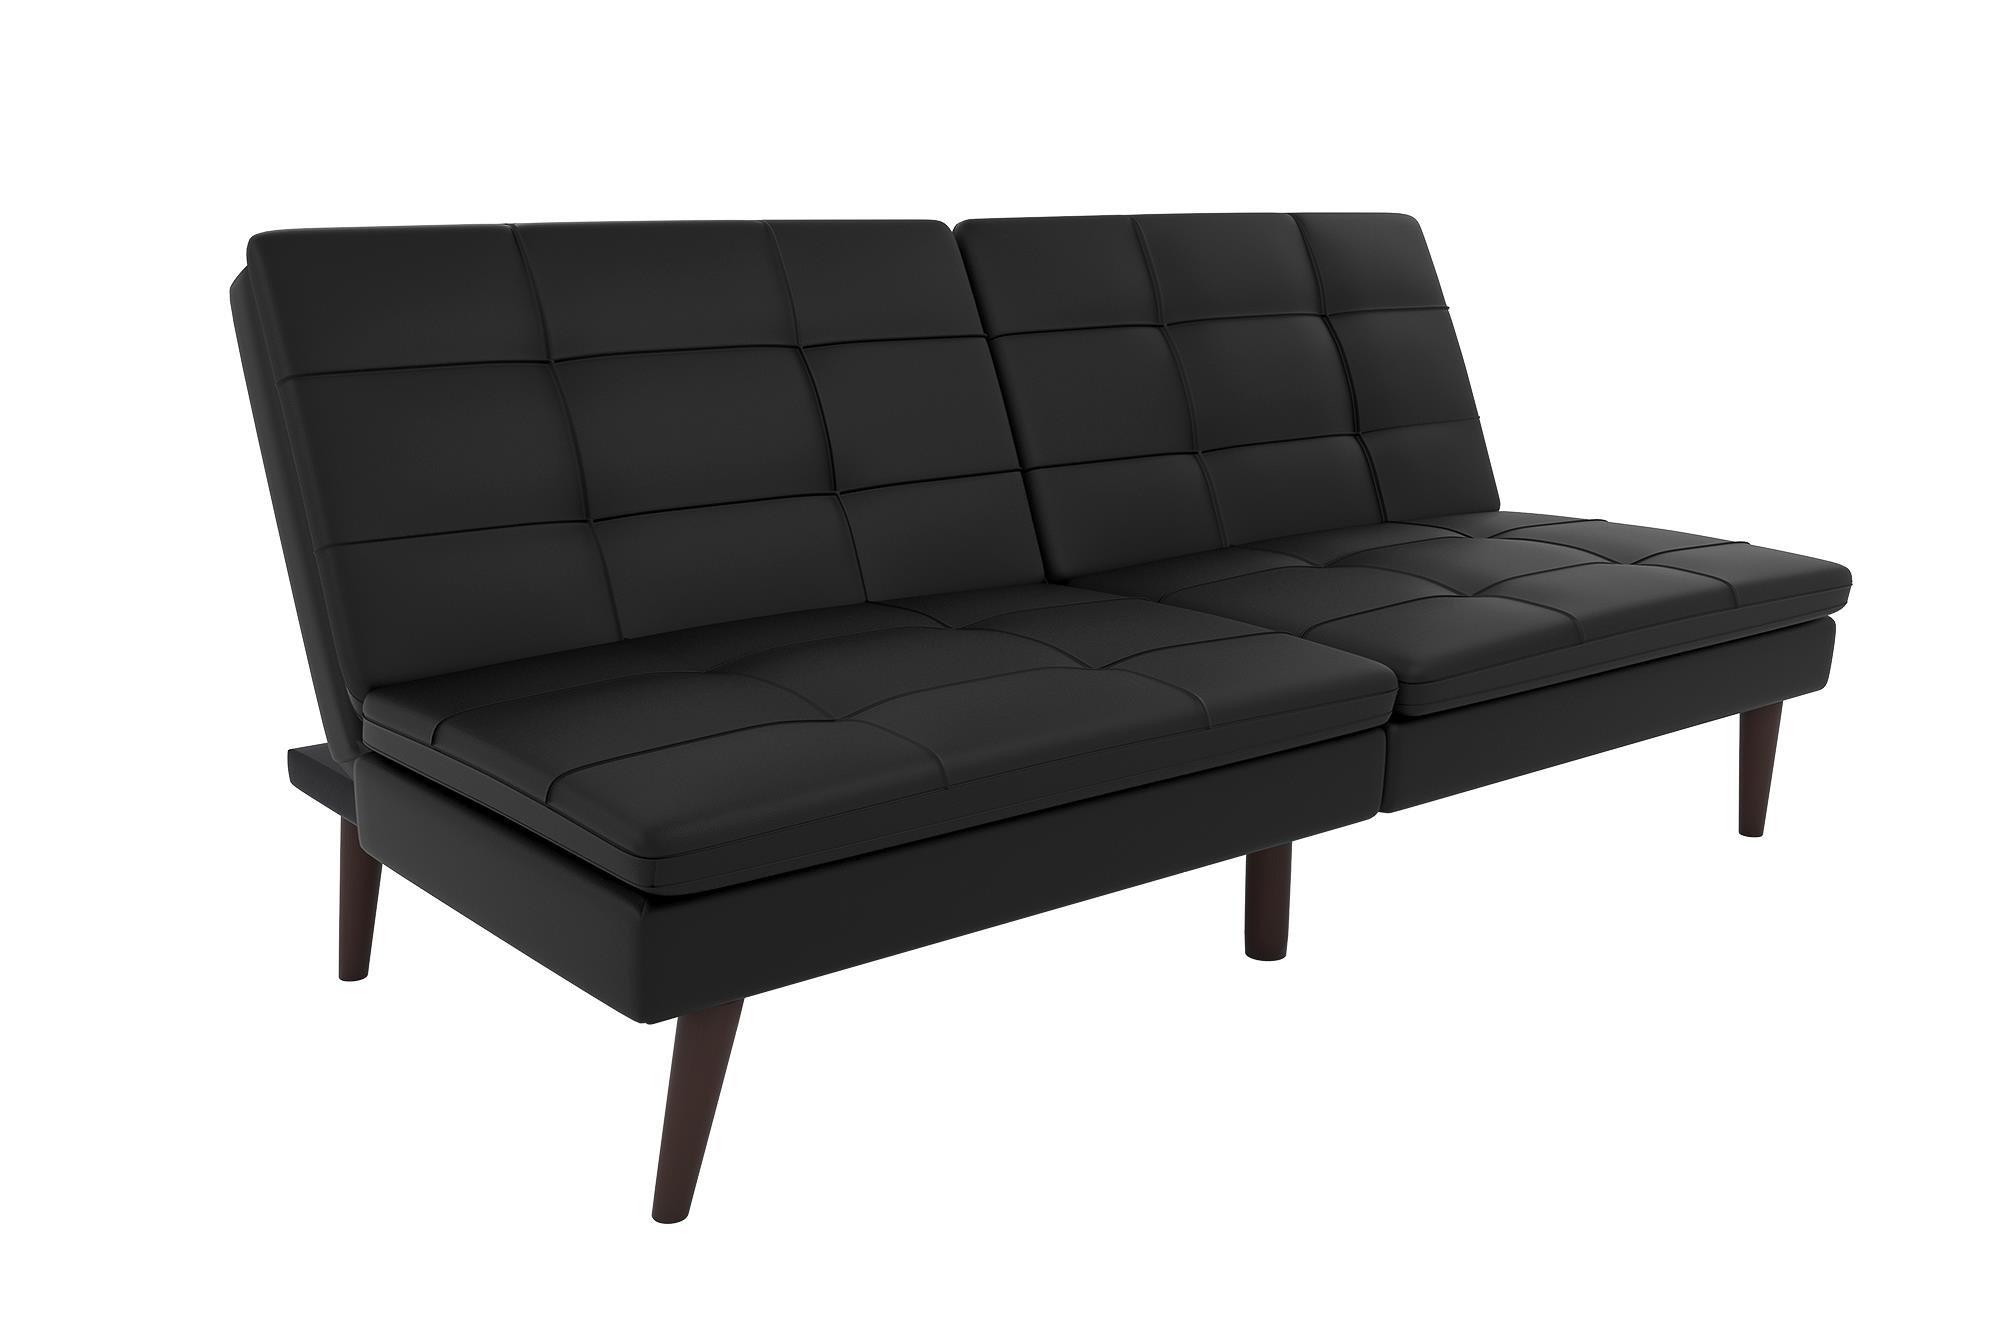 DHP Westbury Linen Pillowtop Futon, Black Faux Leather by DHP